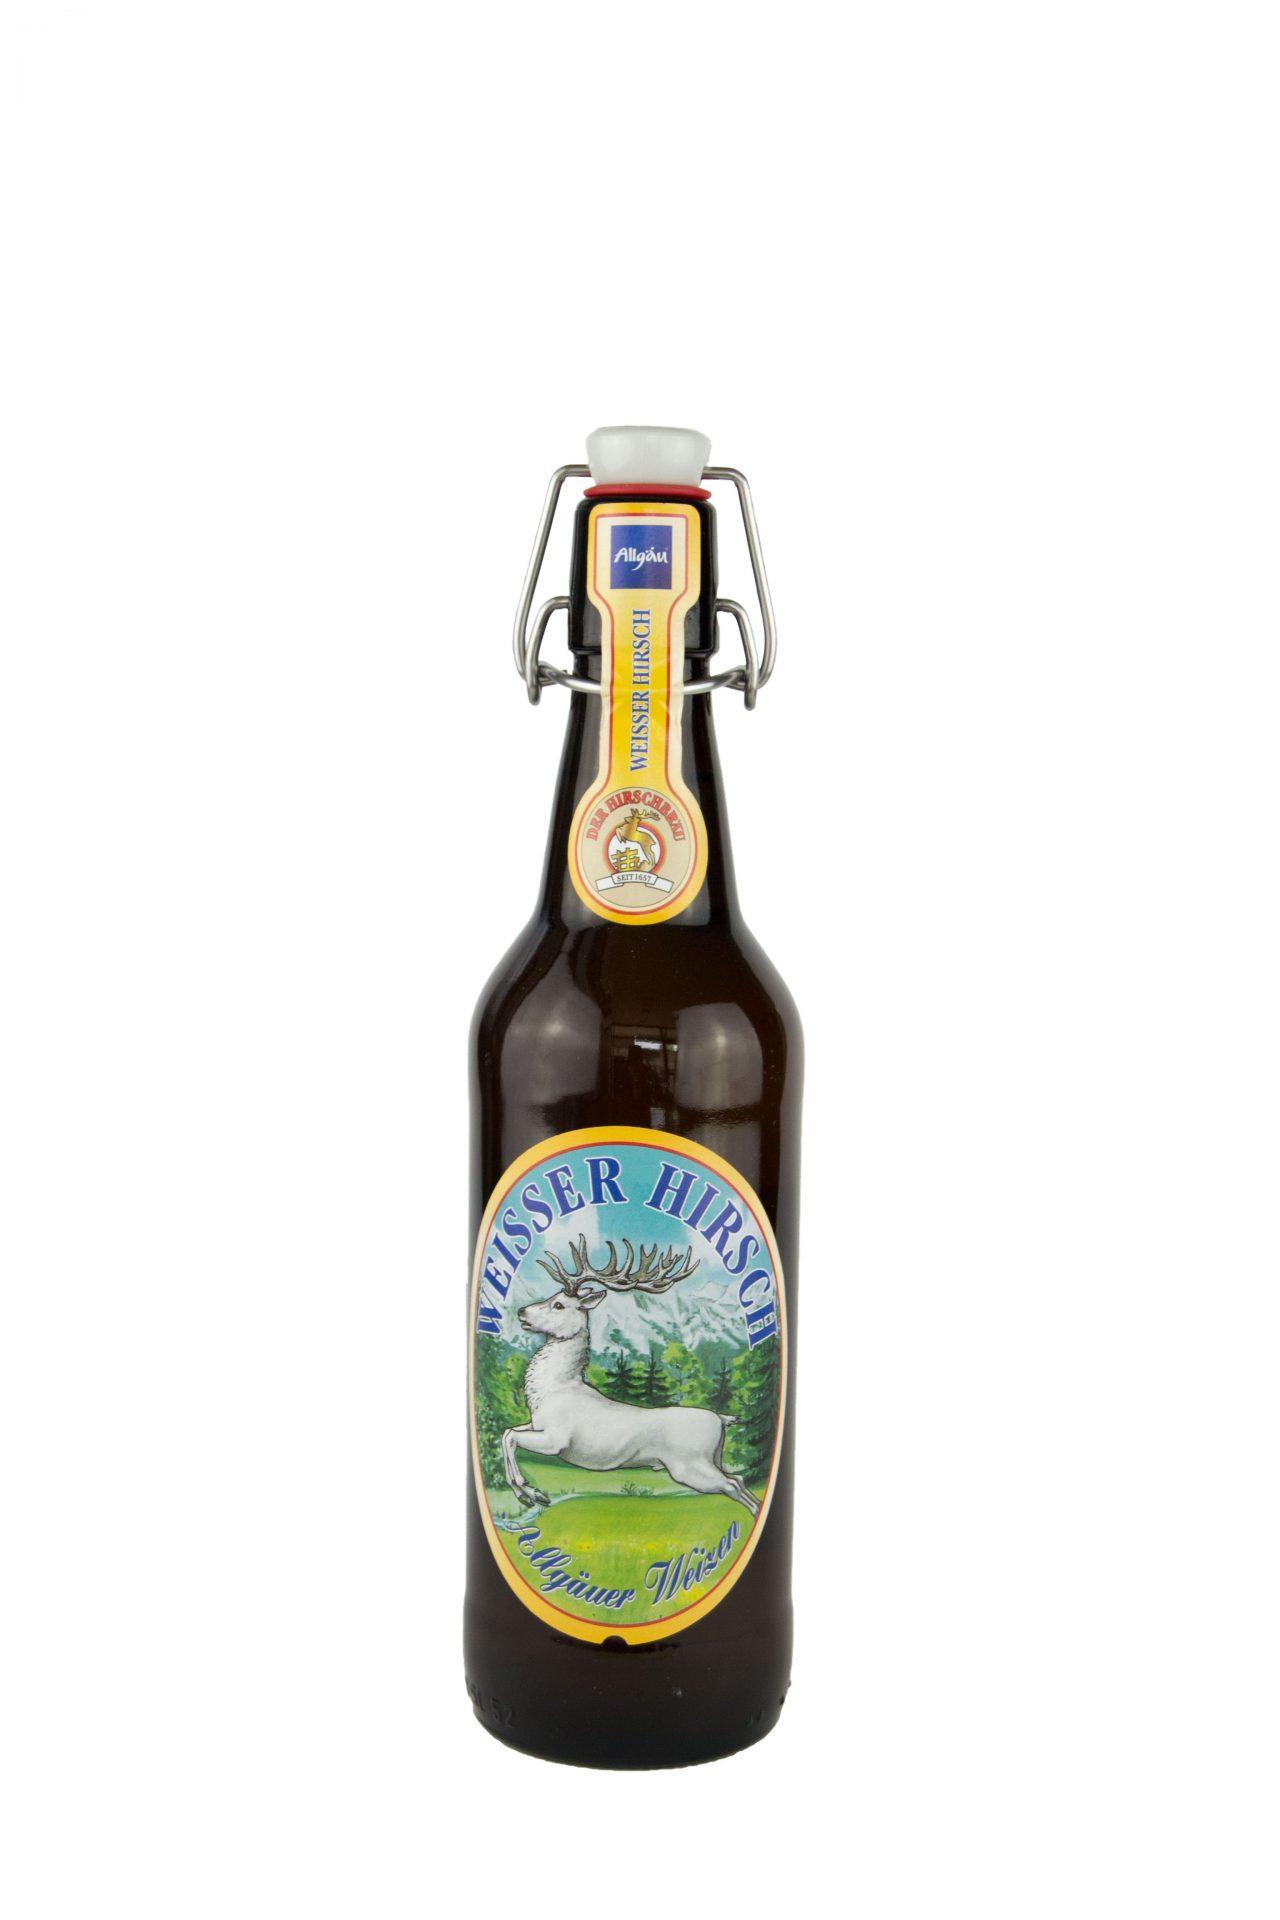 Höss Bier – Weisser Hirsch